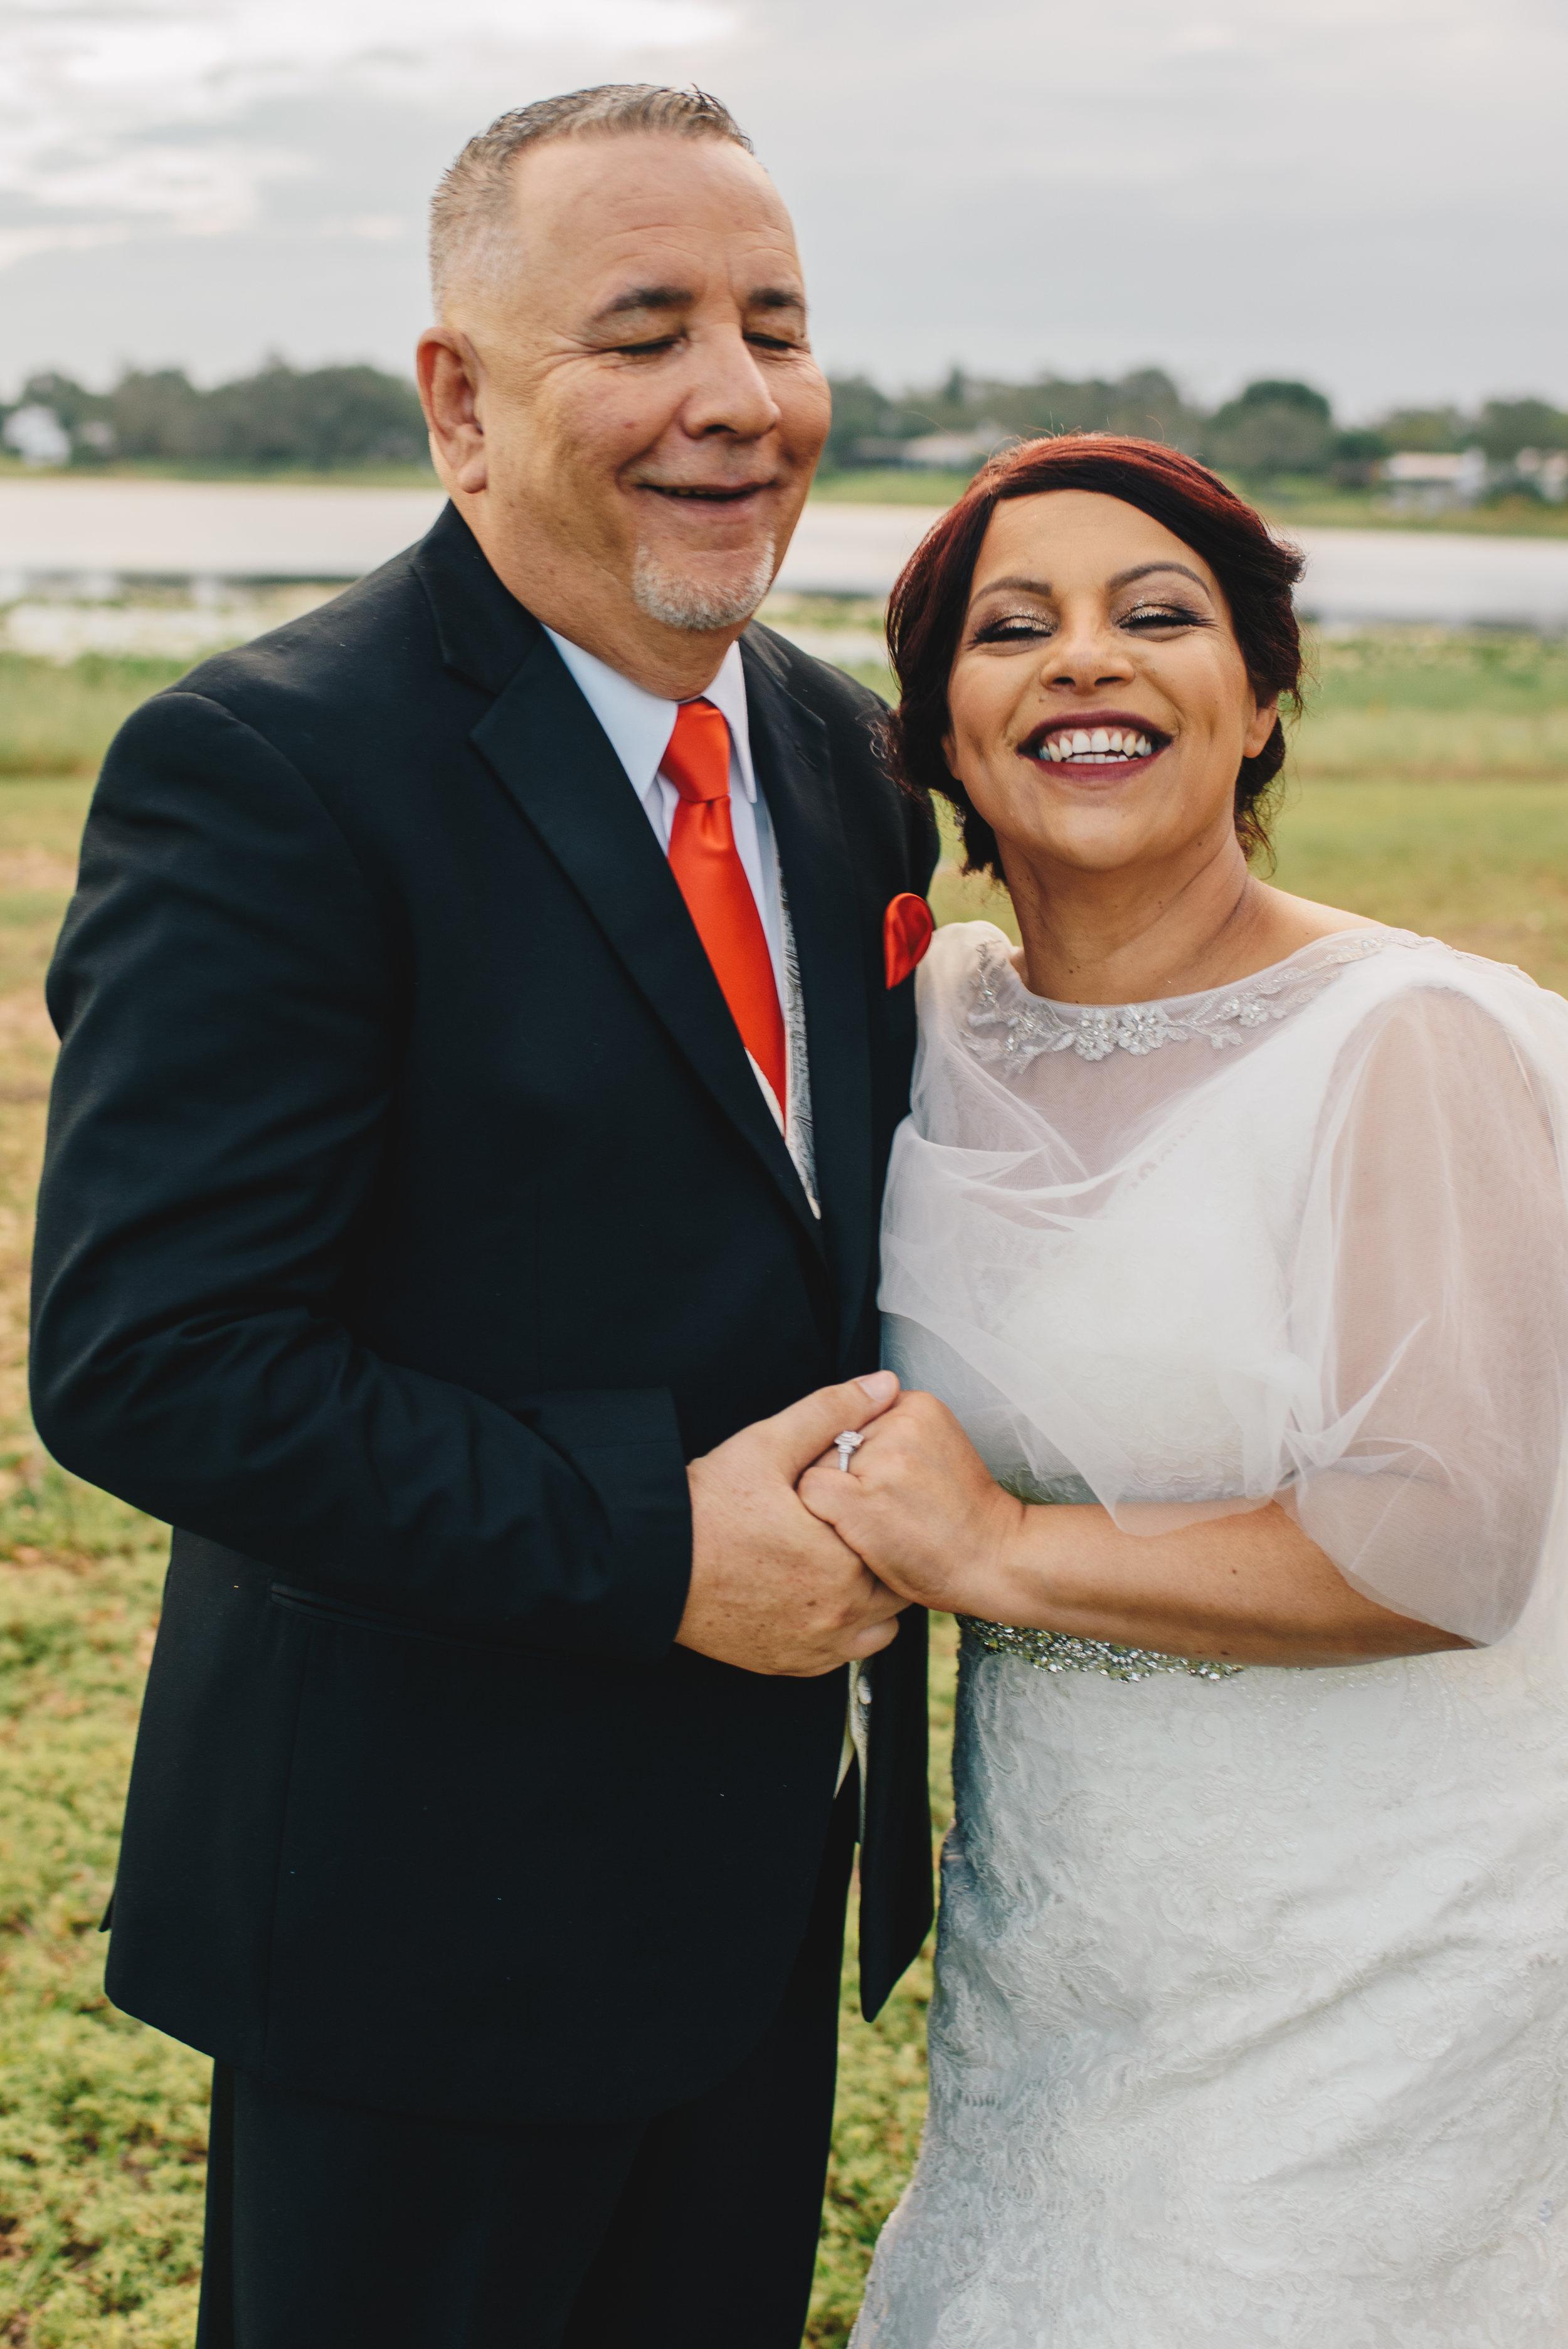 Los-Vargas-Photo-Wedding-Vow-Renewal-Central-Florida-155.jpg